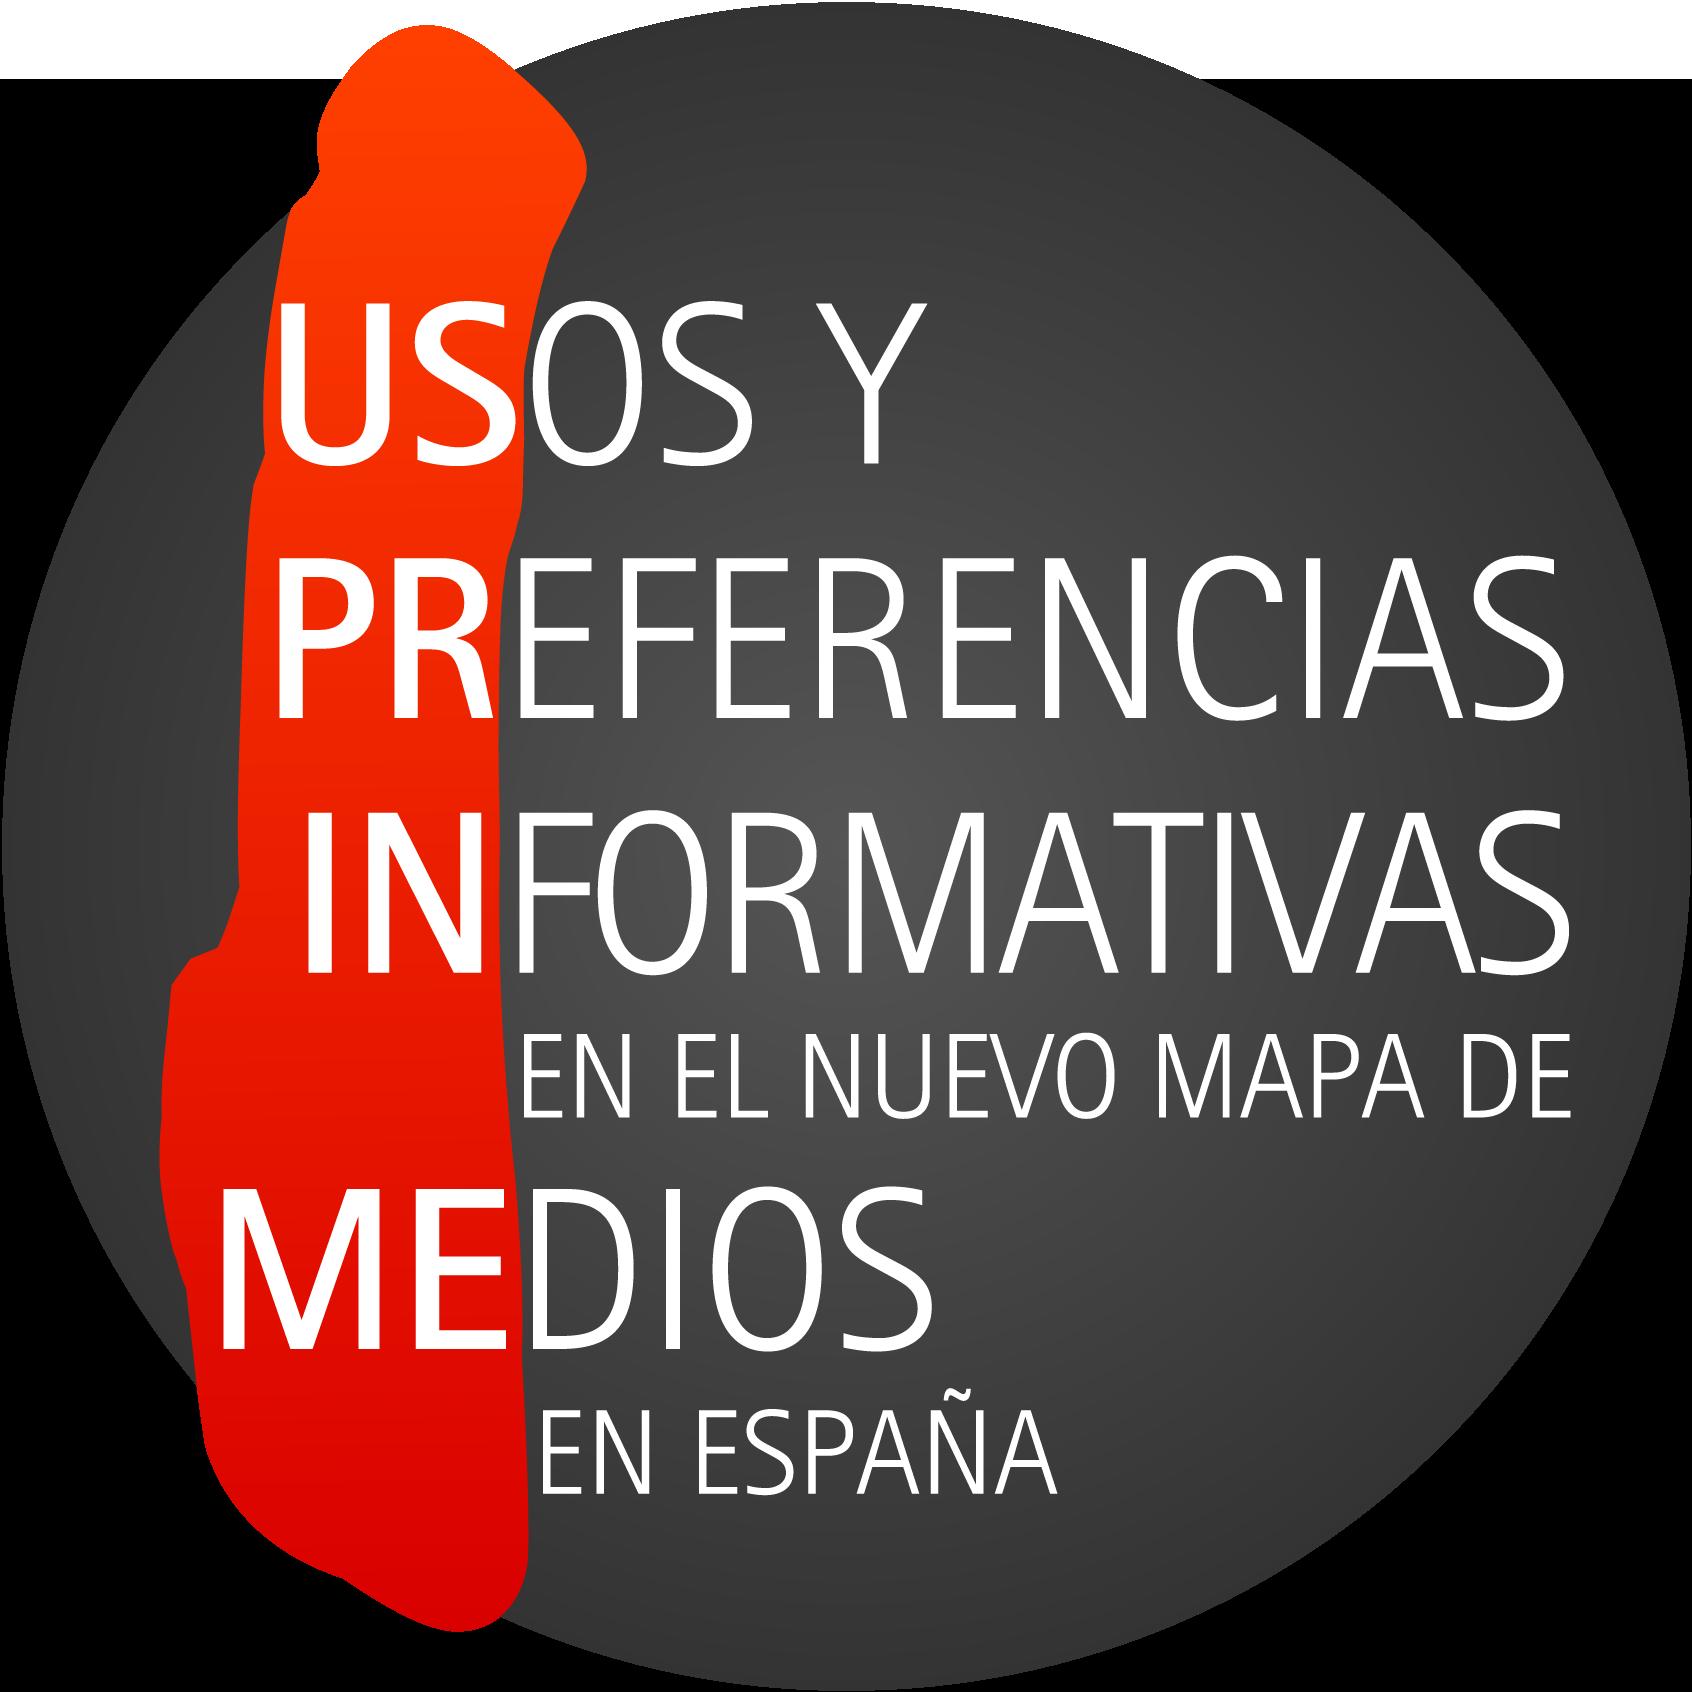 USPRINME, Usos y preferencias informativas en el nuevo mapa de medios en España